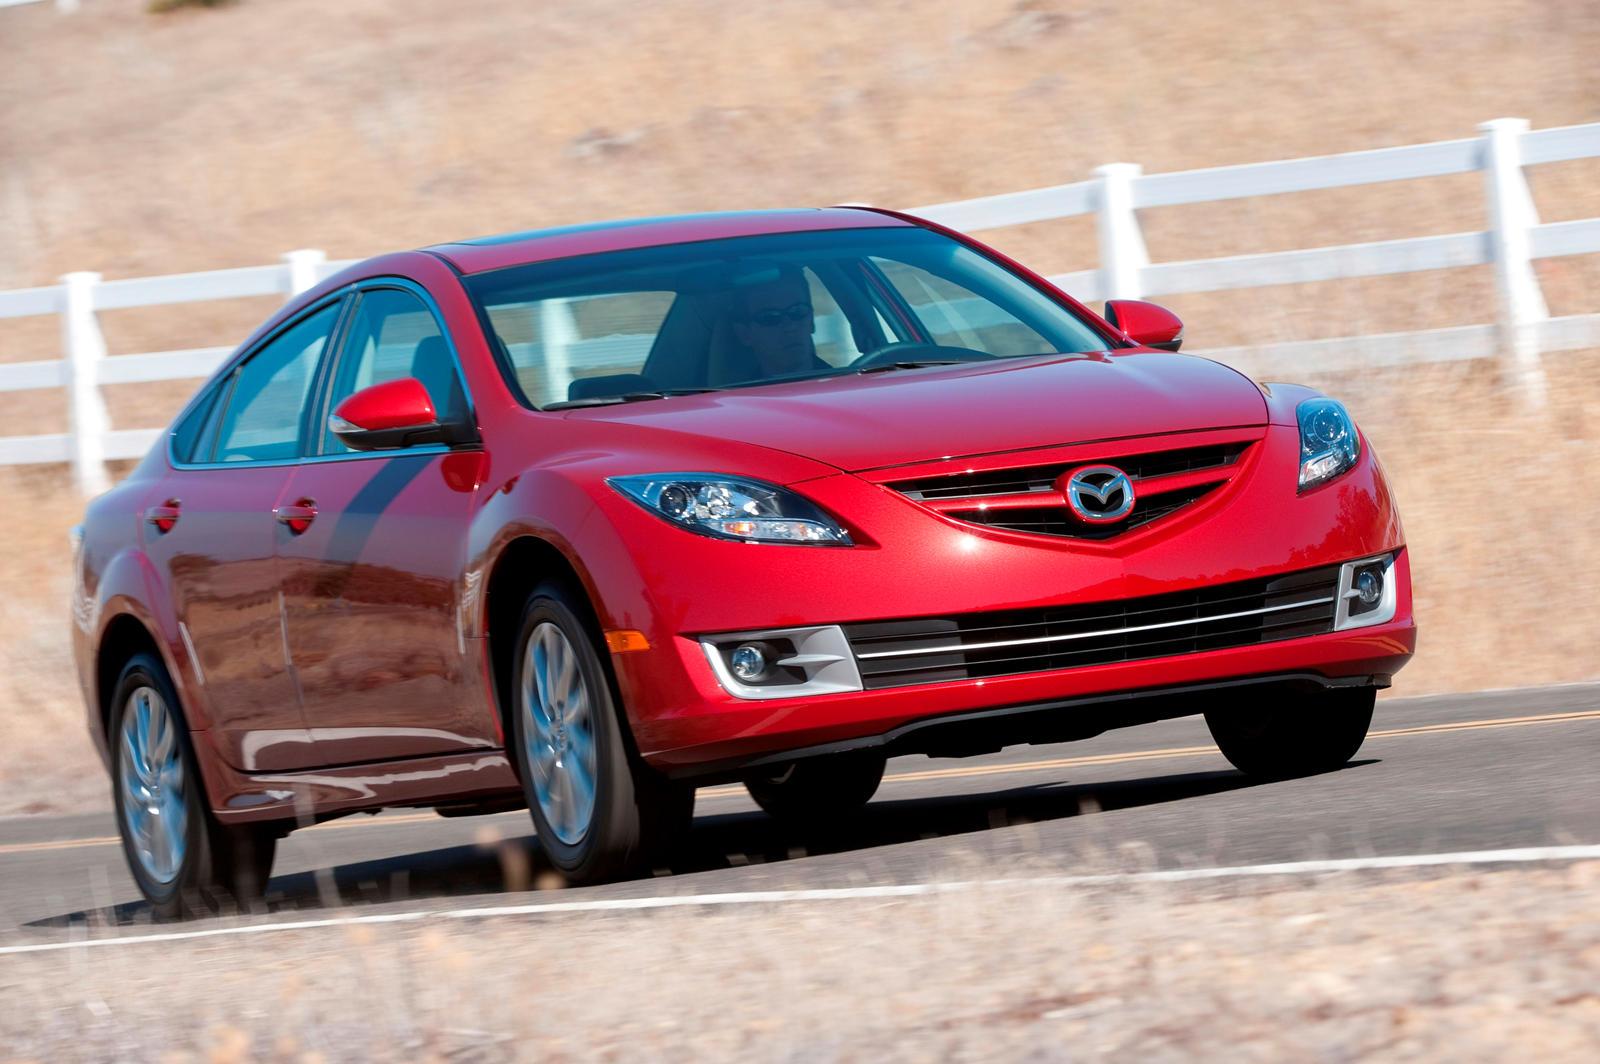 Kelebihan Kekurangan Mazda 6 2012 Perbandingan Harga